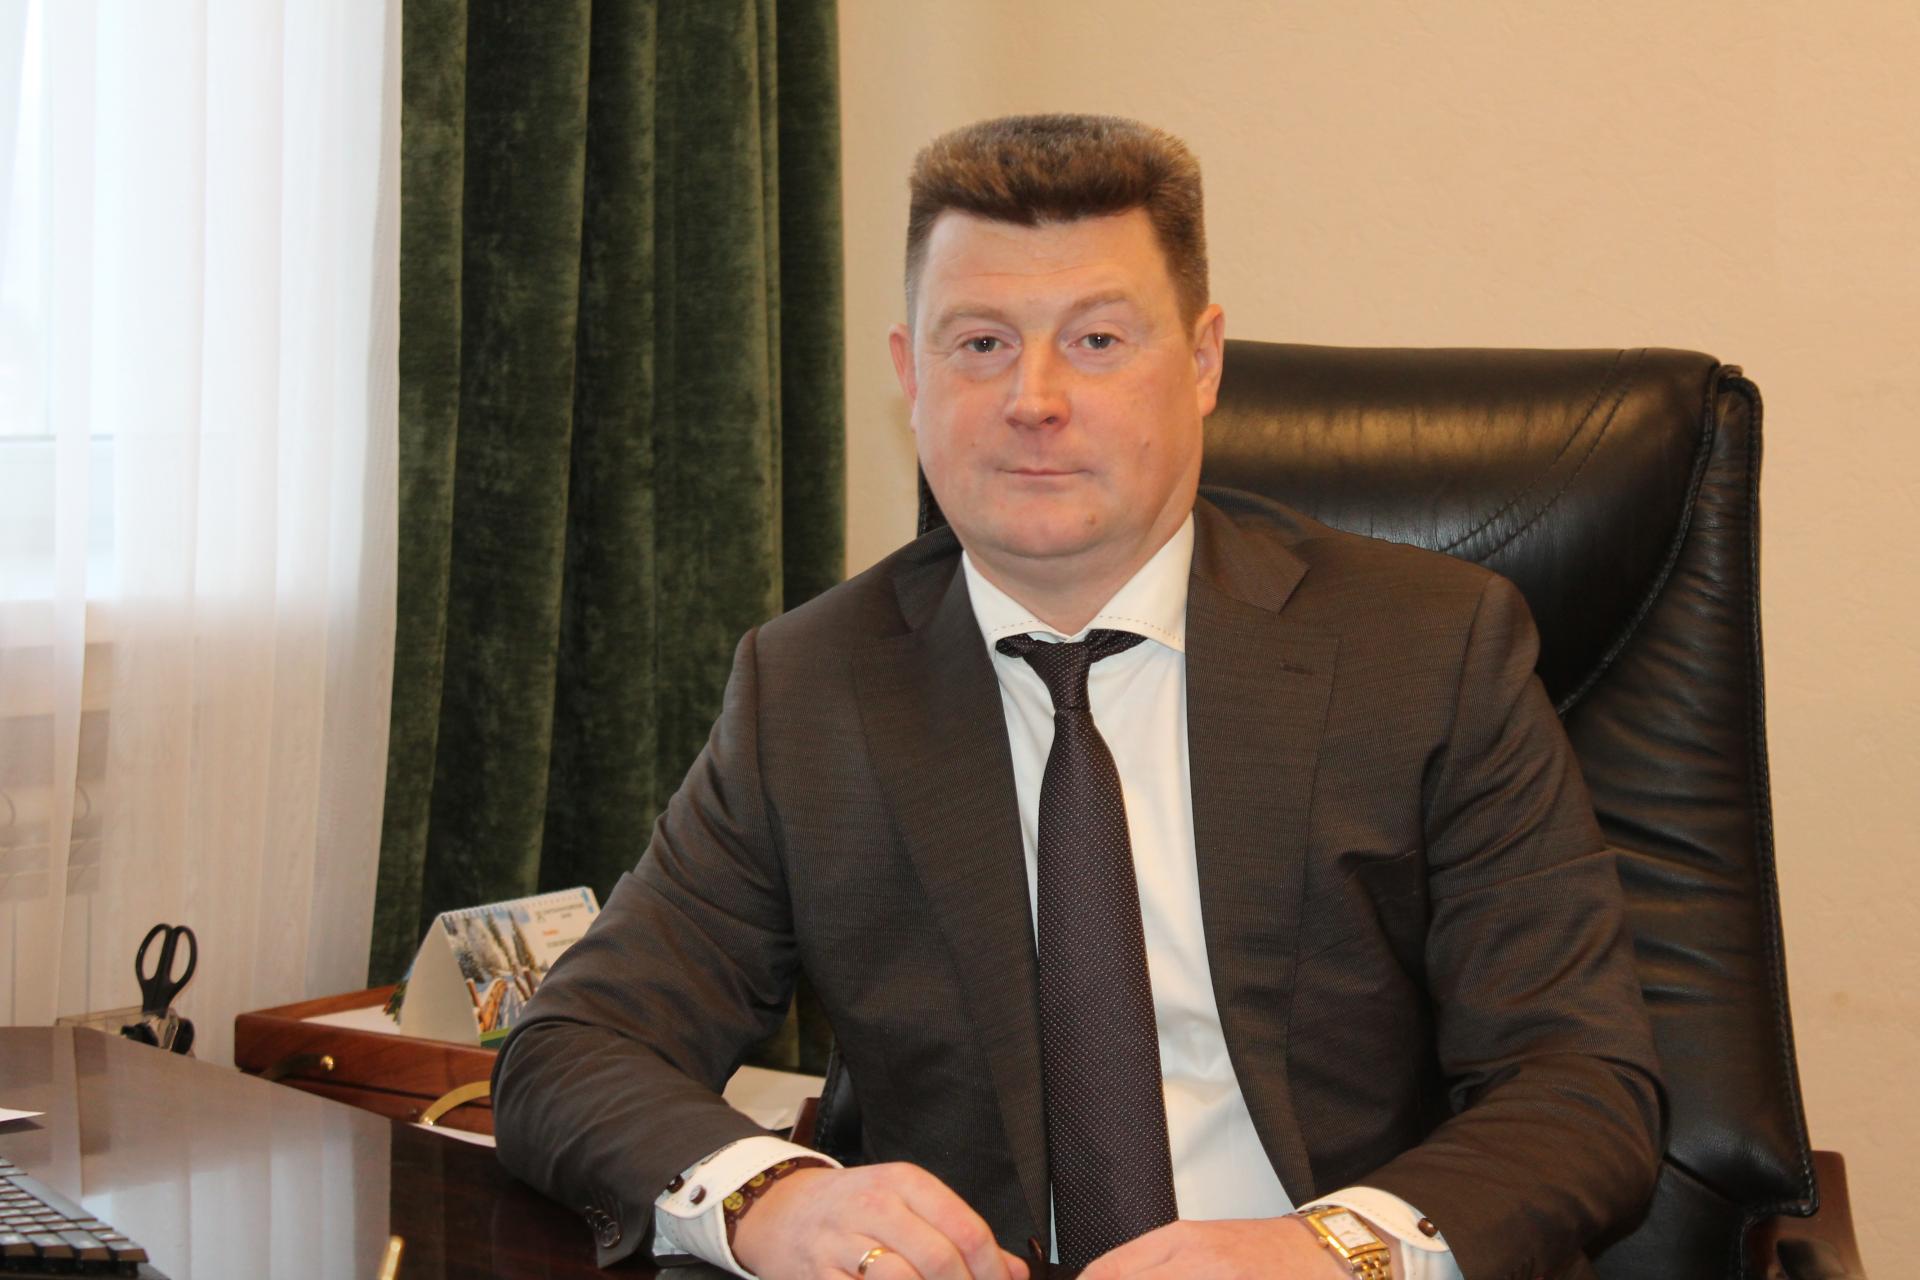 Замглавы администрации Нижневартовска назначен Антон Смирнов